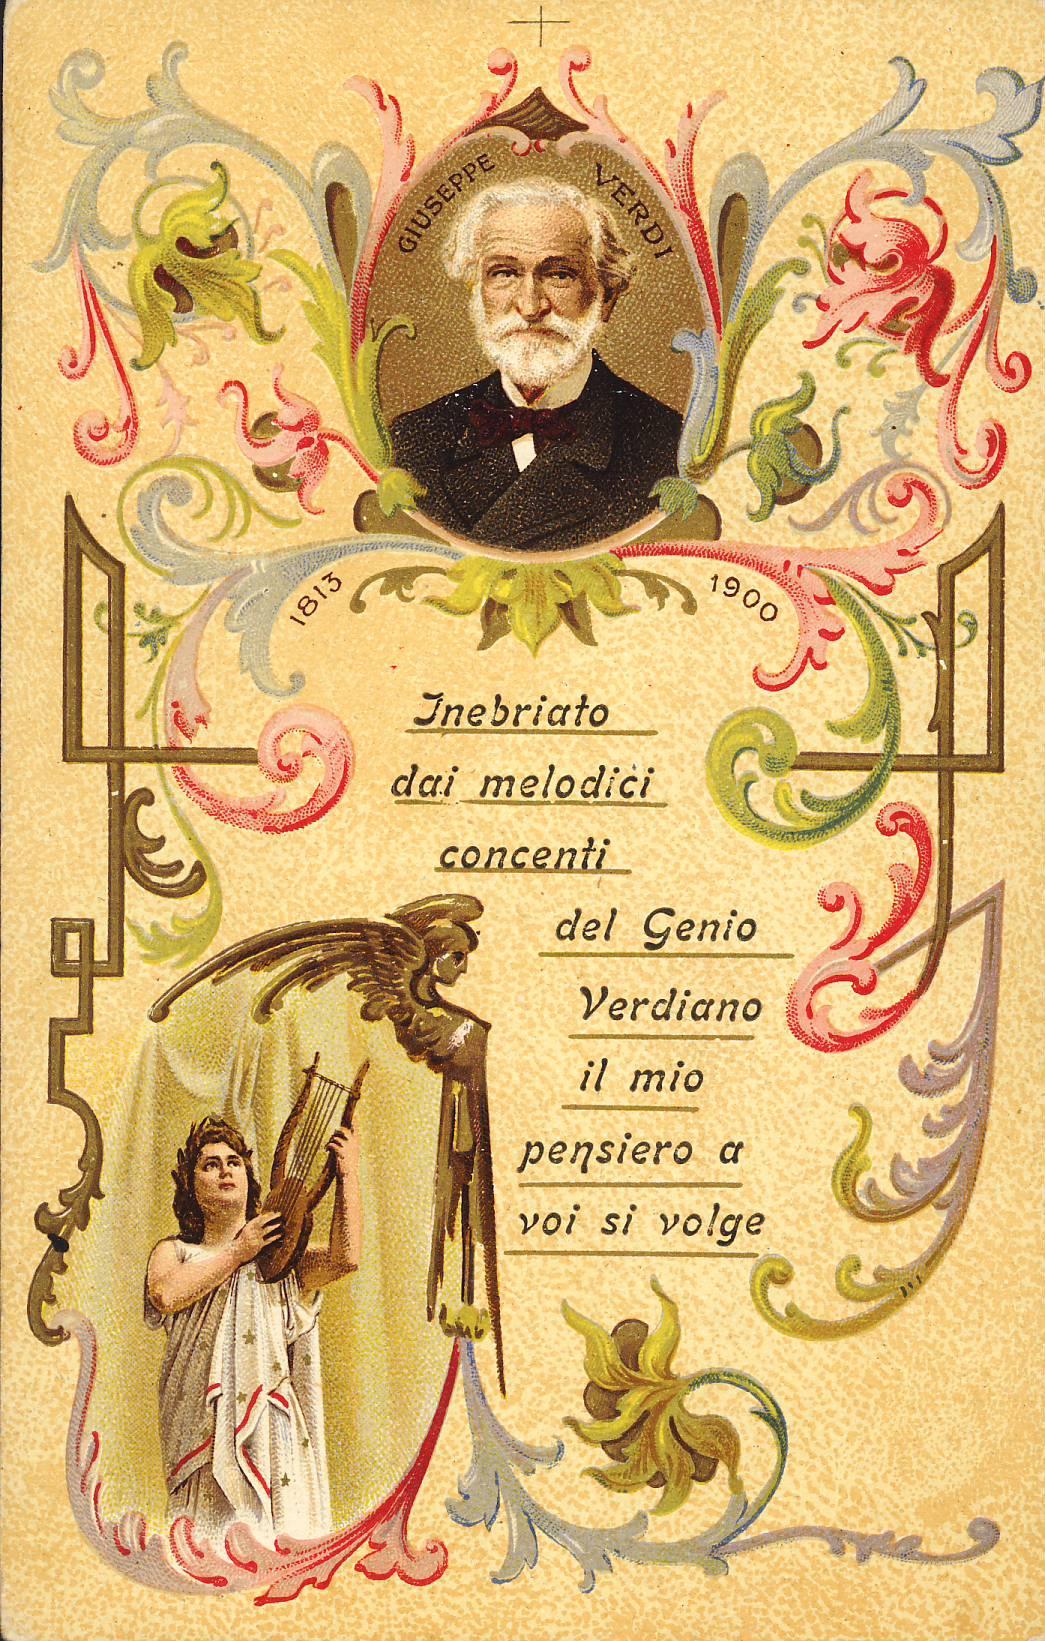 Giuseppe Verdi 1